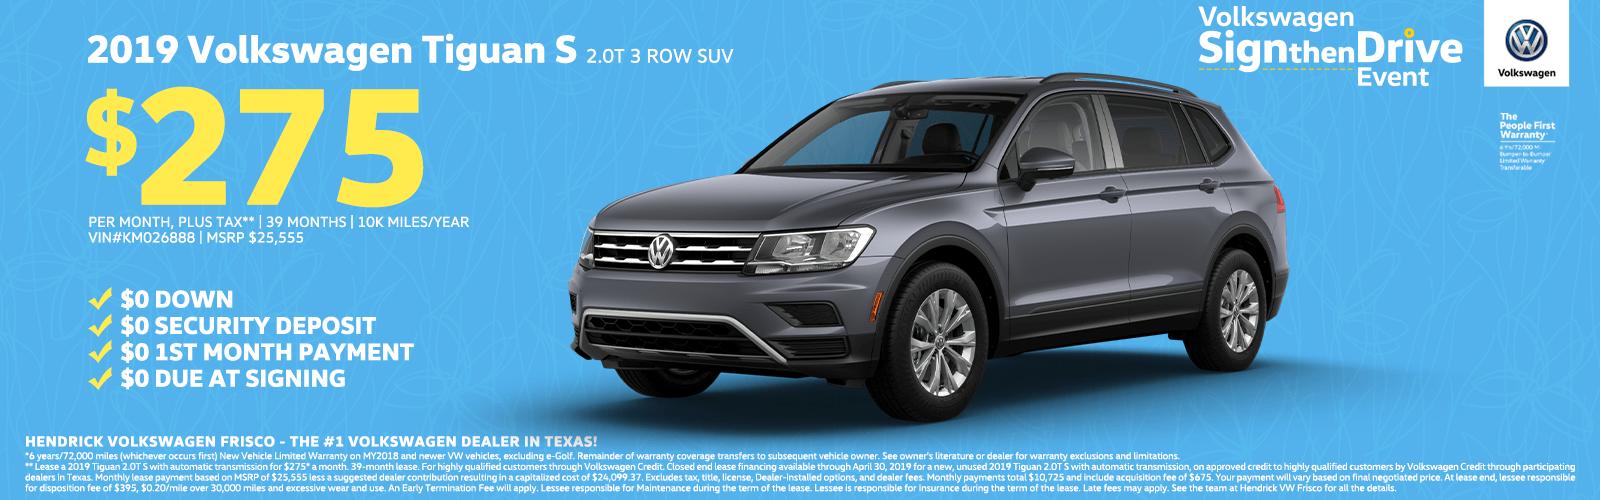 2019 Volkswagen Tiguan S 2.0T 3 Row SUV $275 Homepage